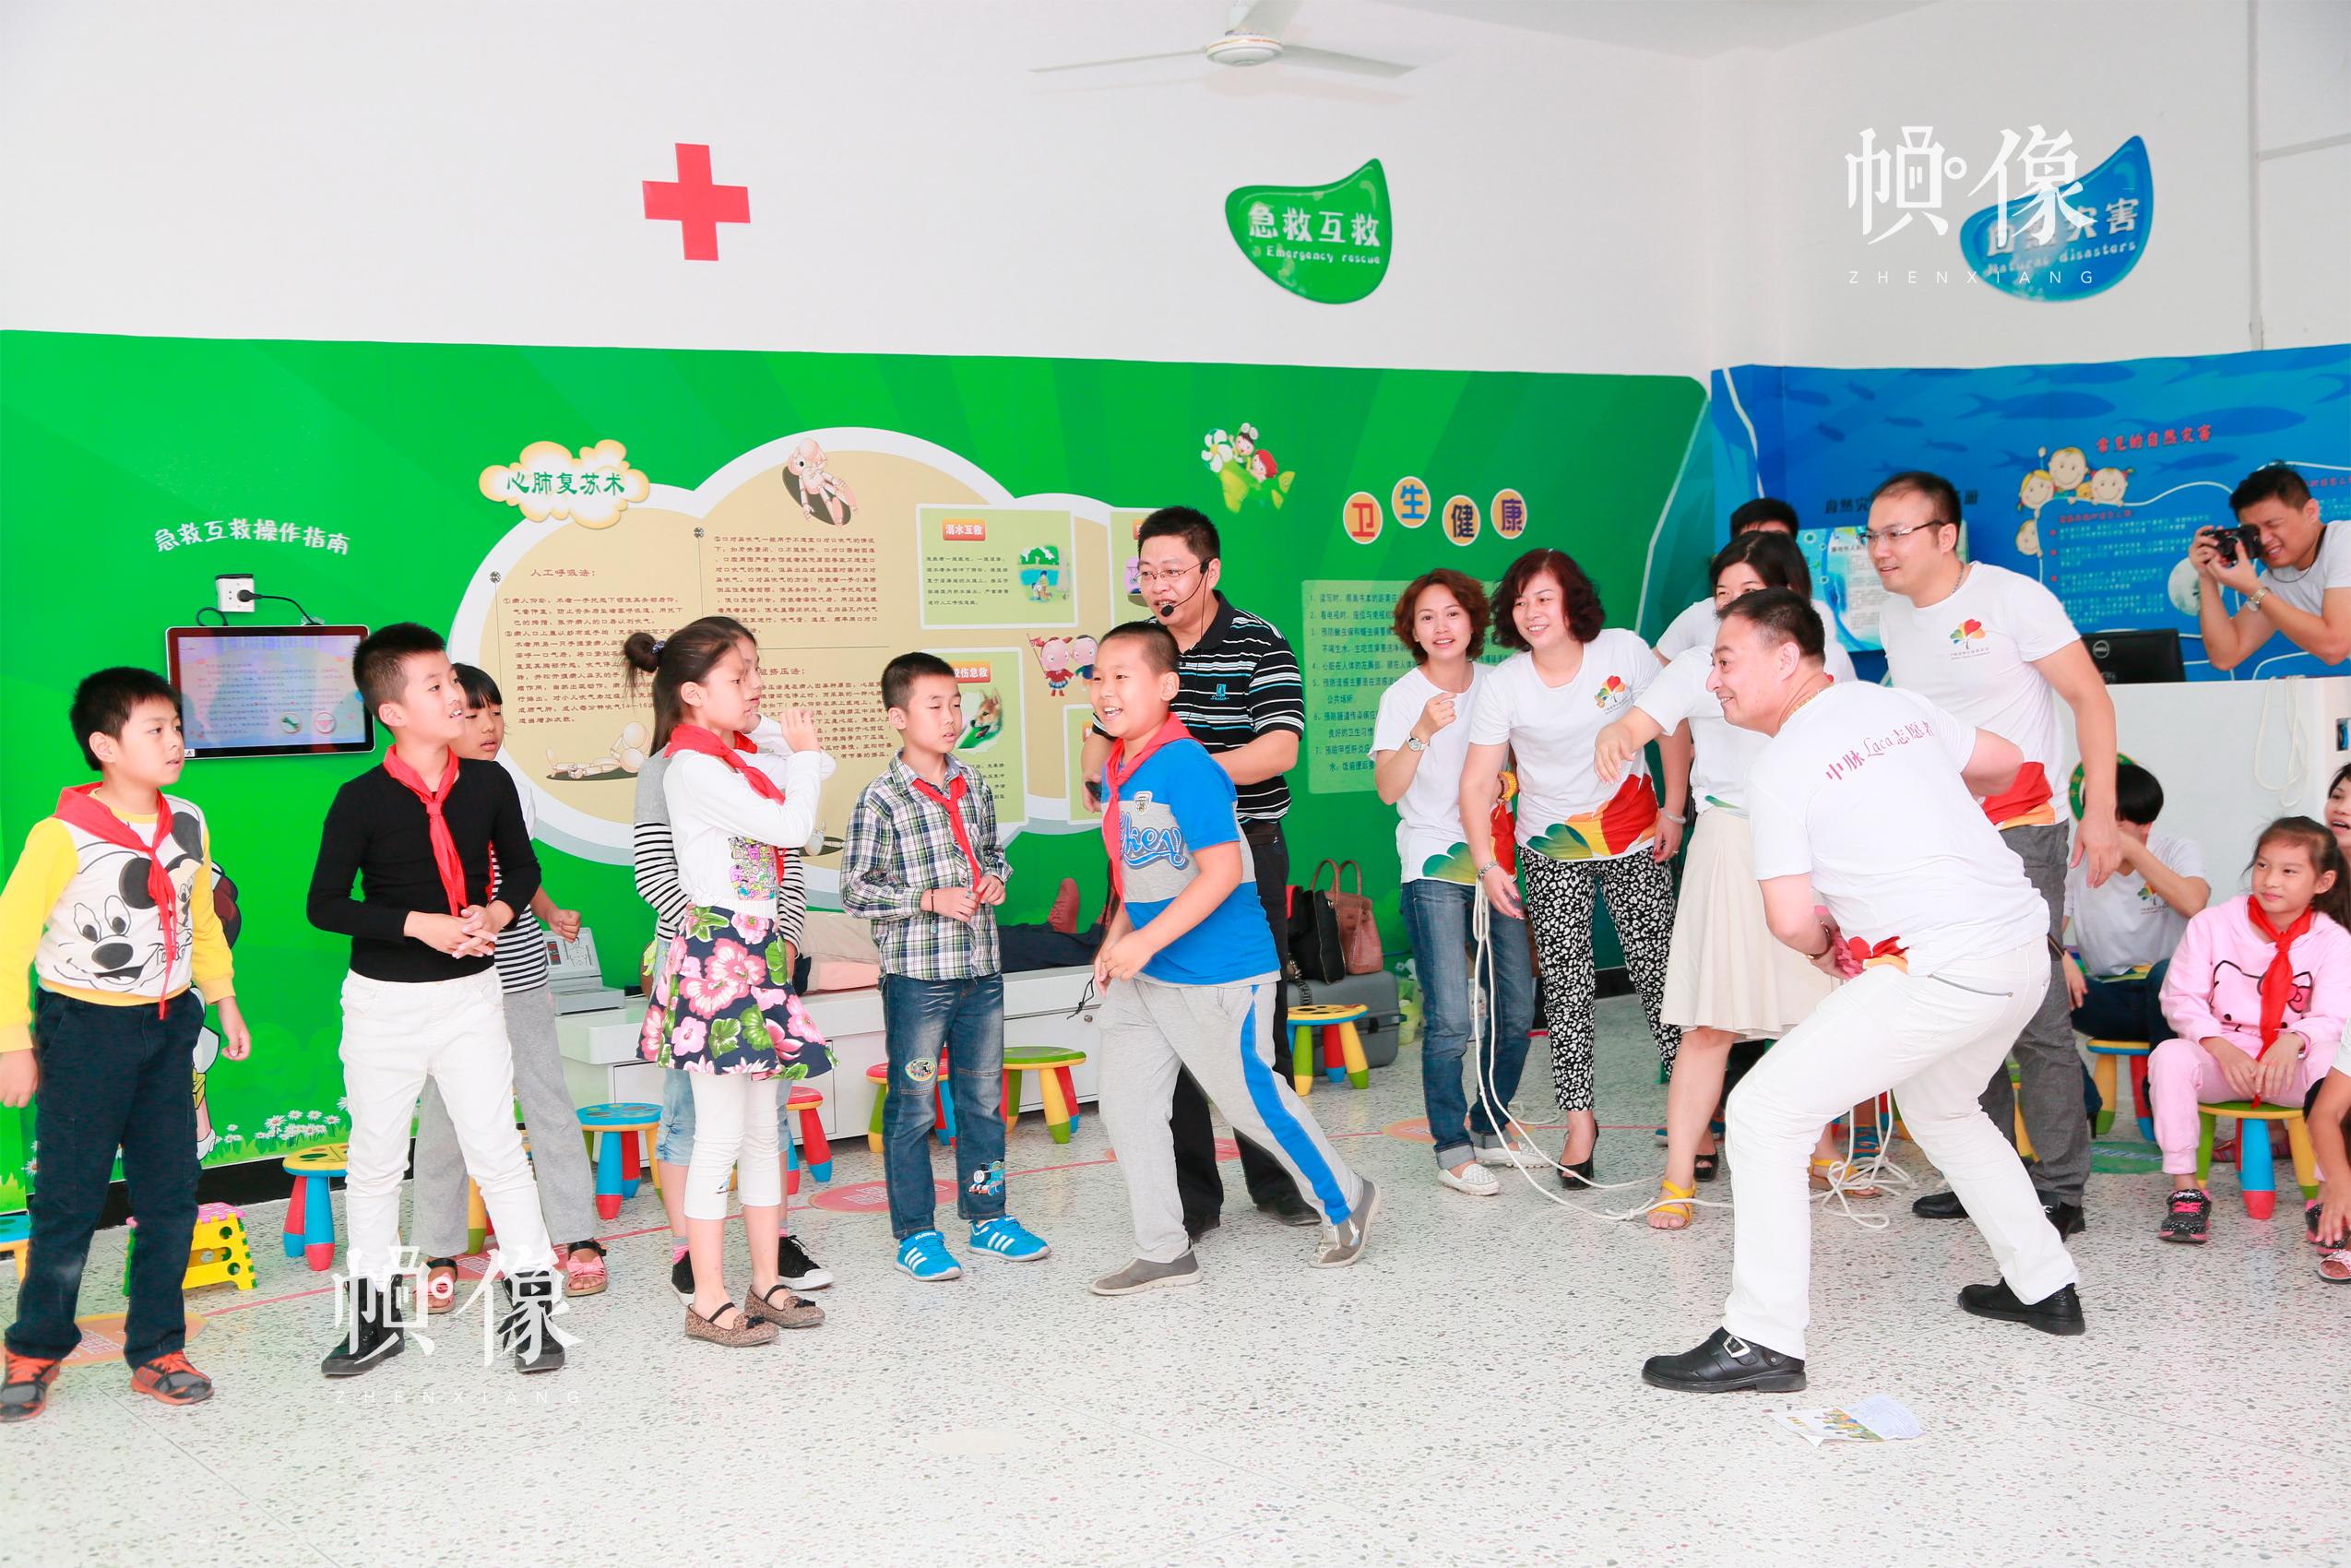 在安全体验教室中,组织亲子课堂,演示如何救助溺水者而进行的远岸救援。中国儿童少年基金会供图